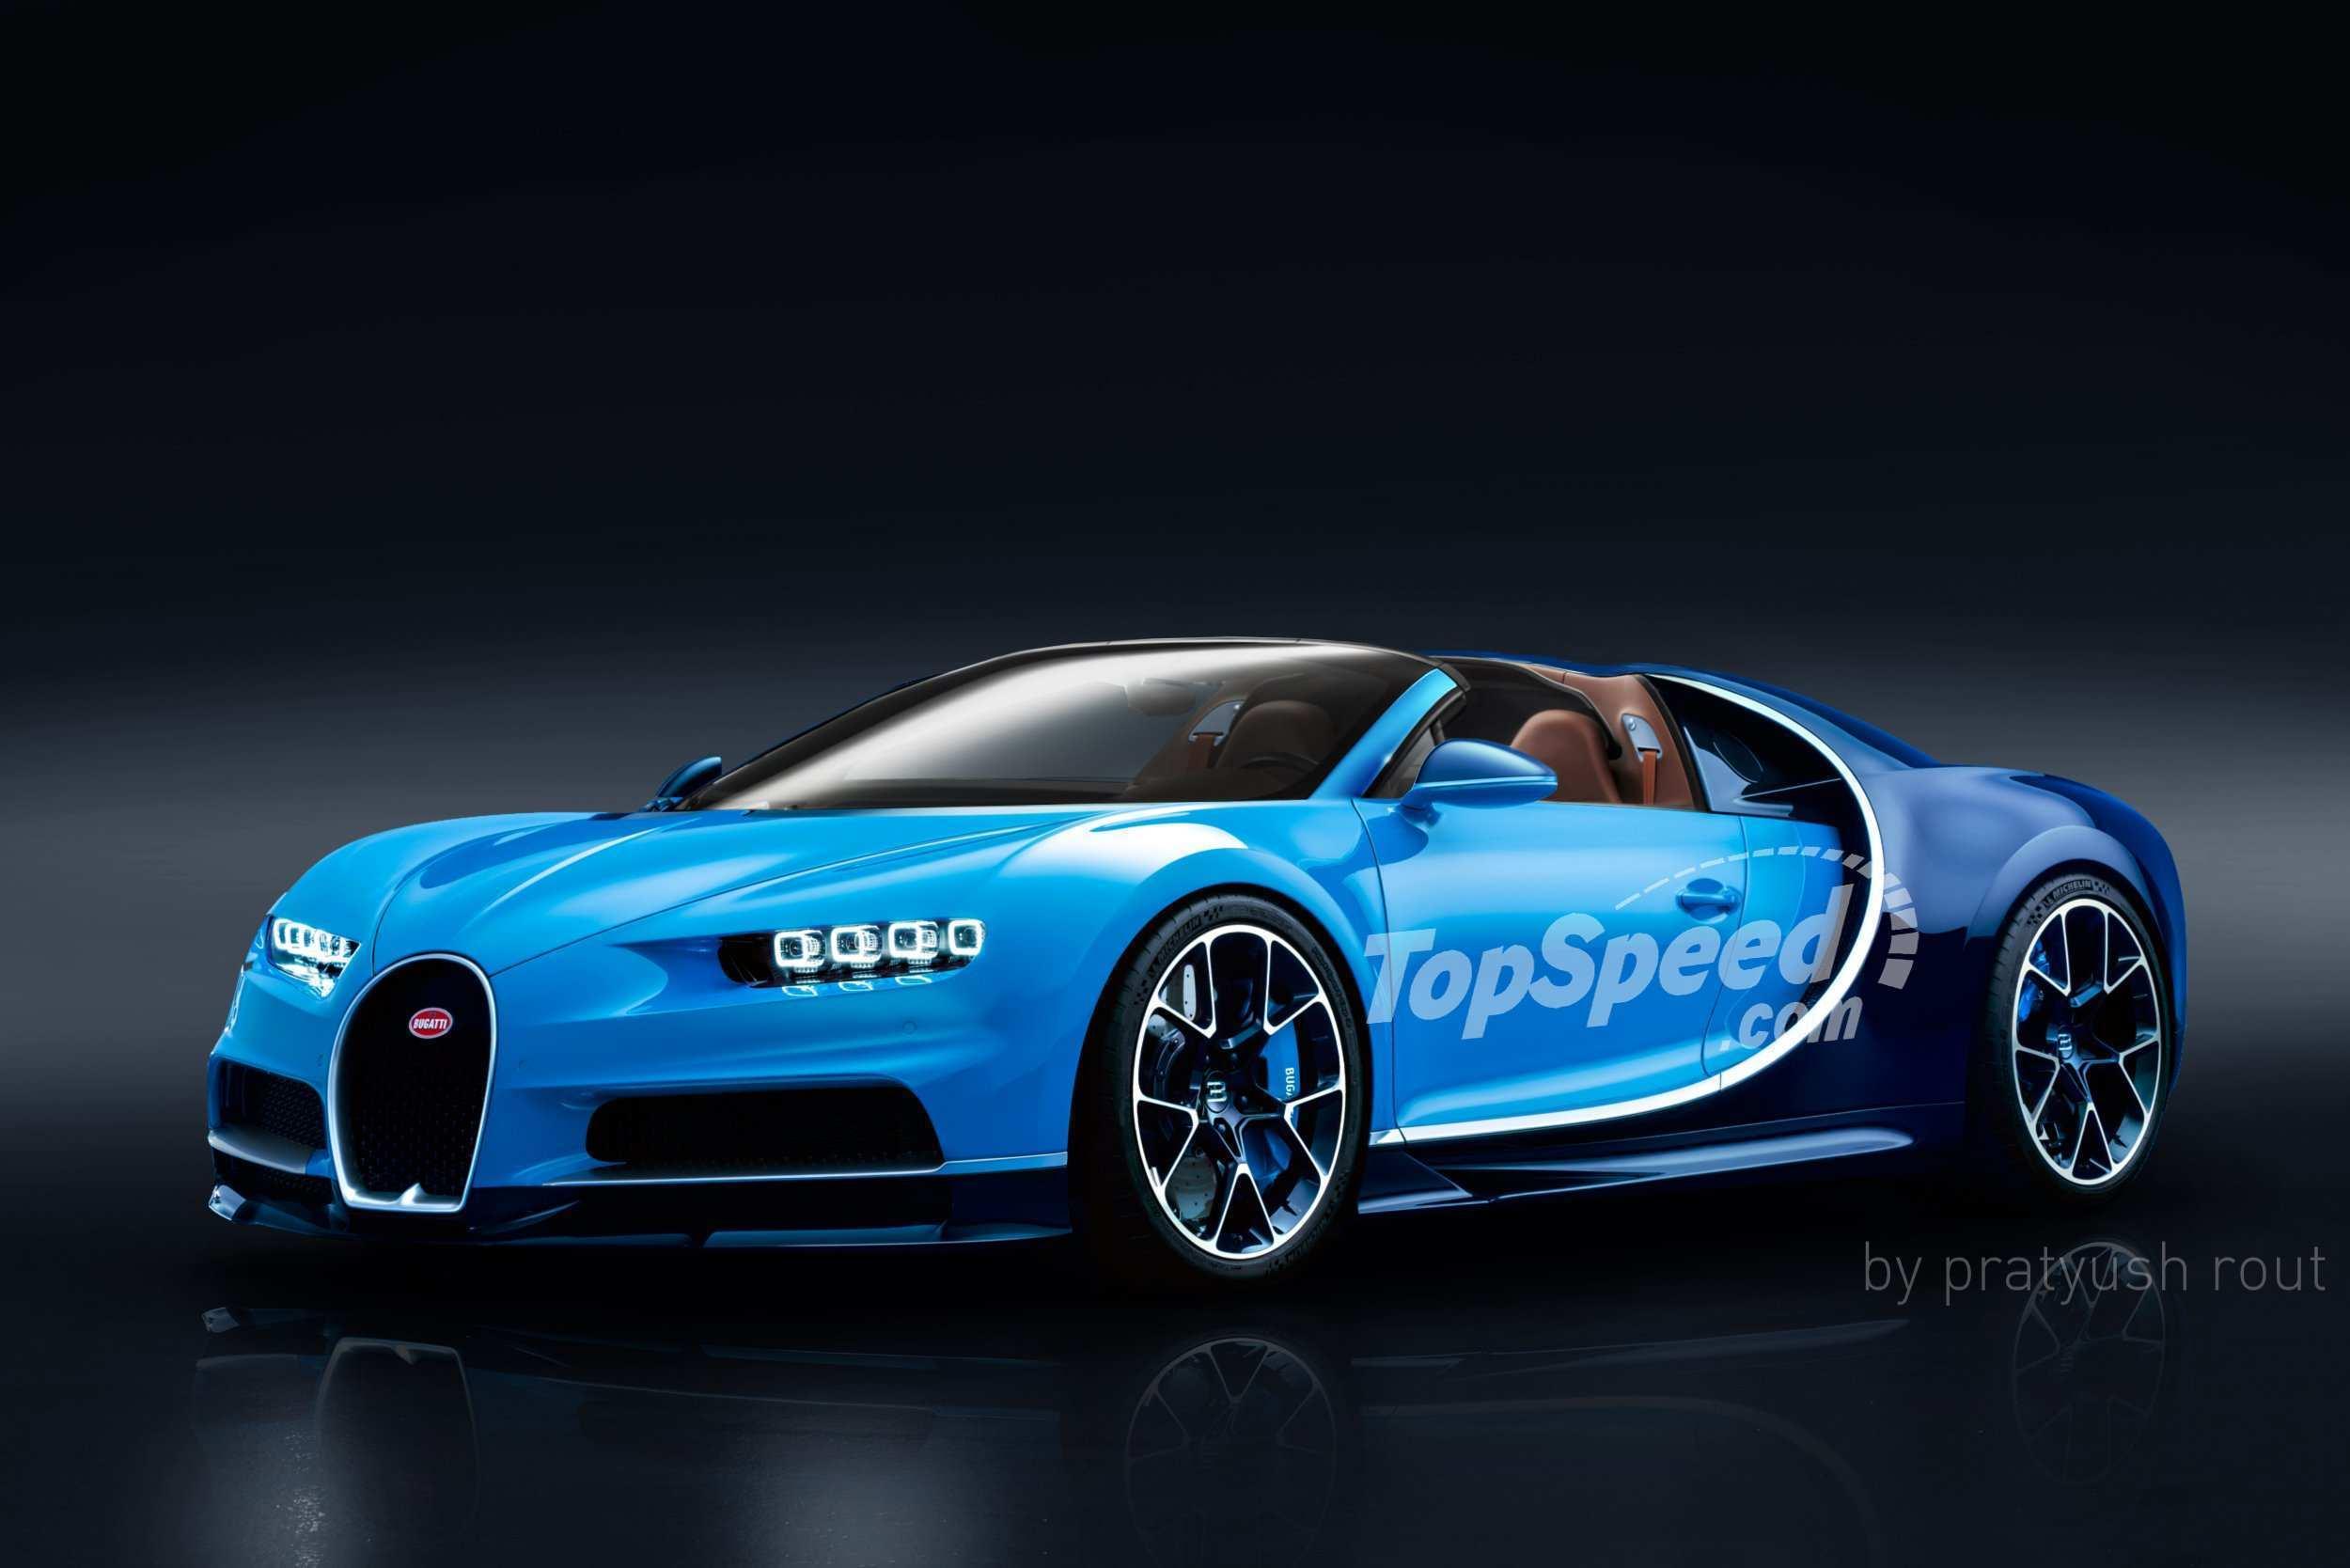 51 New 2020 Bugatti Exterior with 2020 Bugatti